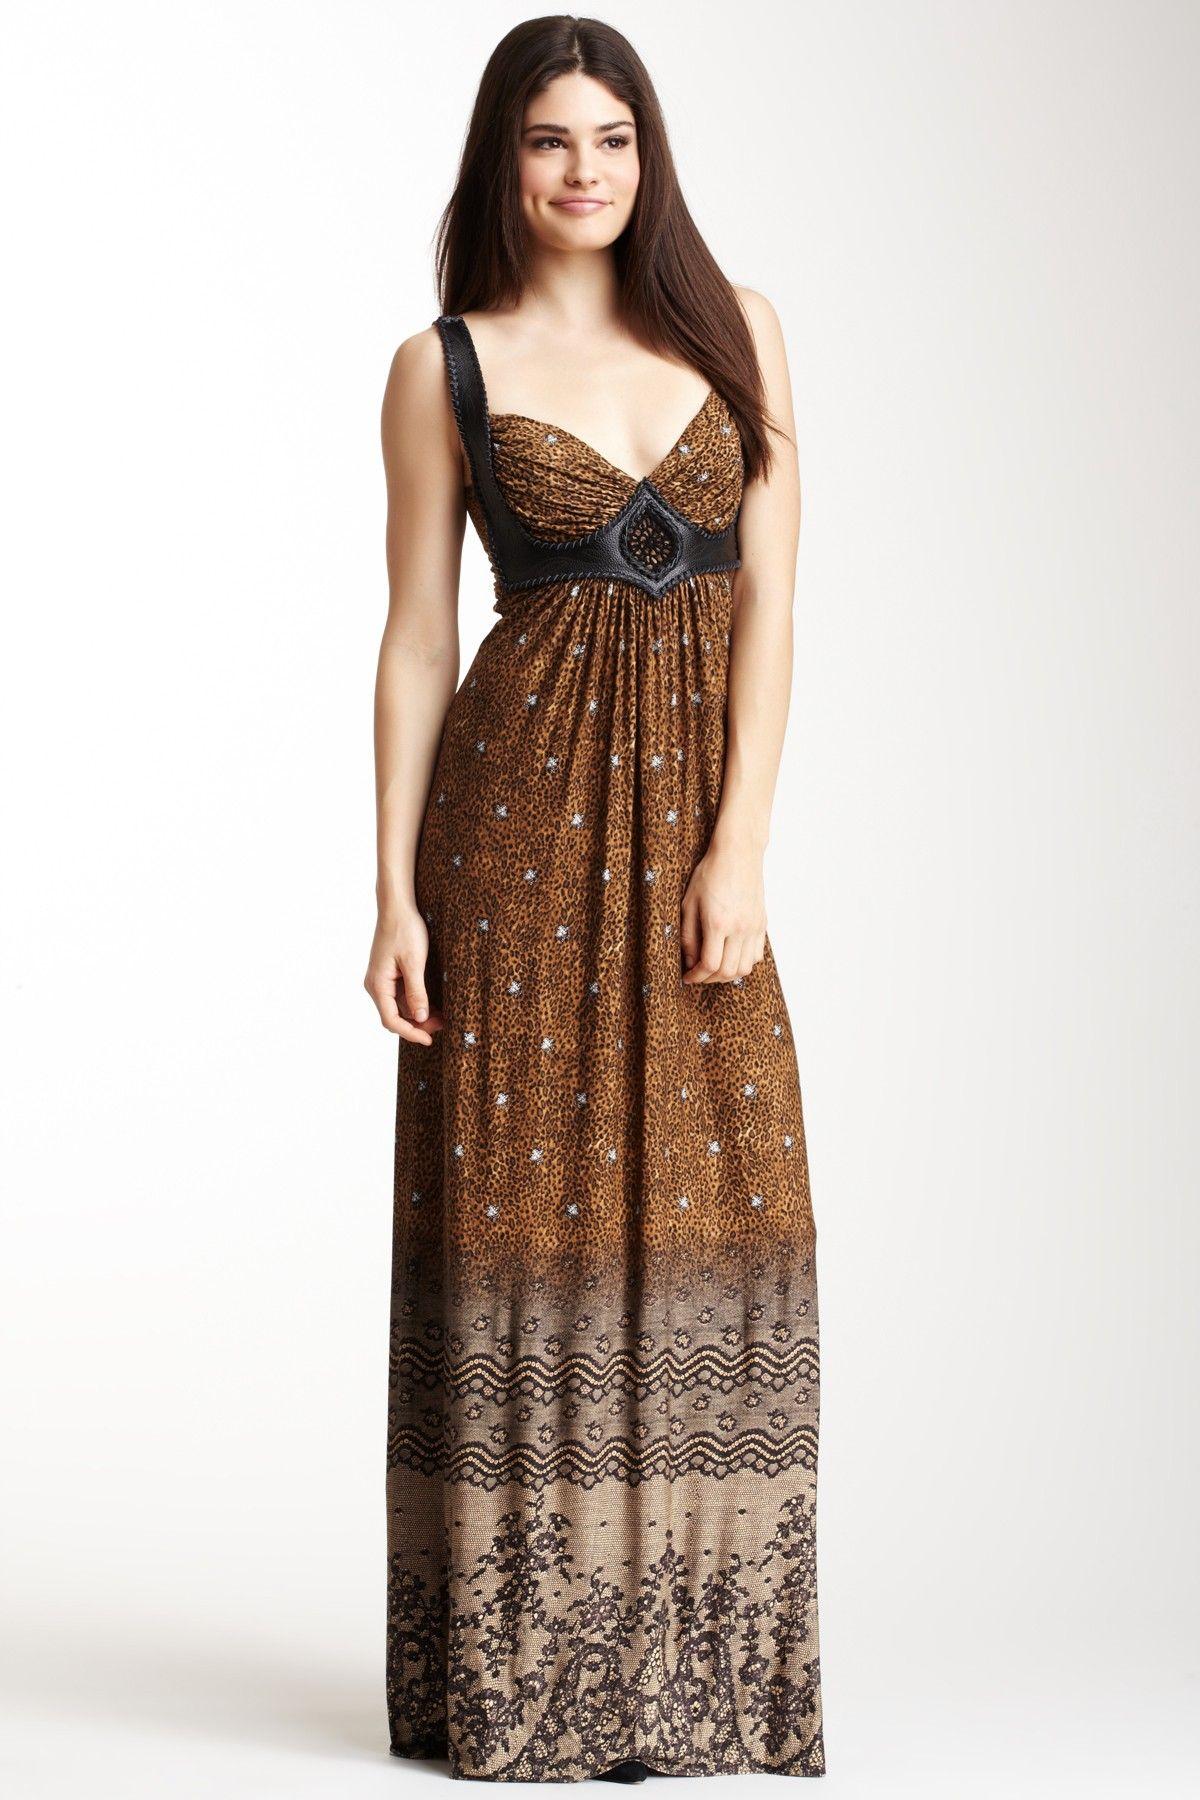 37c423c4a11 Sky Cheetah Print Maxi Dress  119.00  293.00 59% off